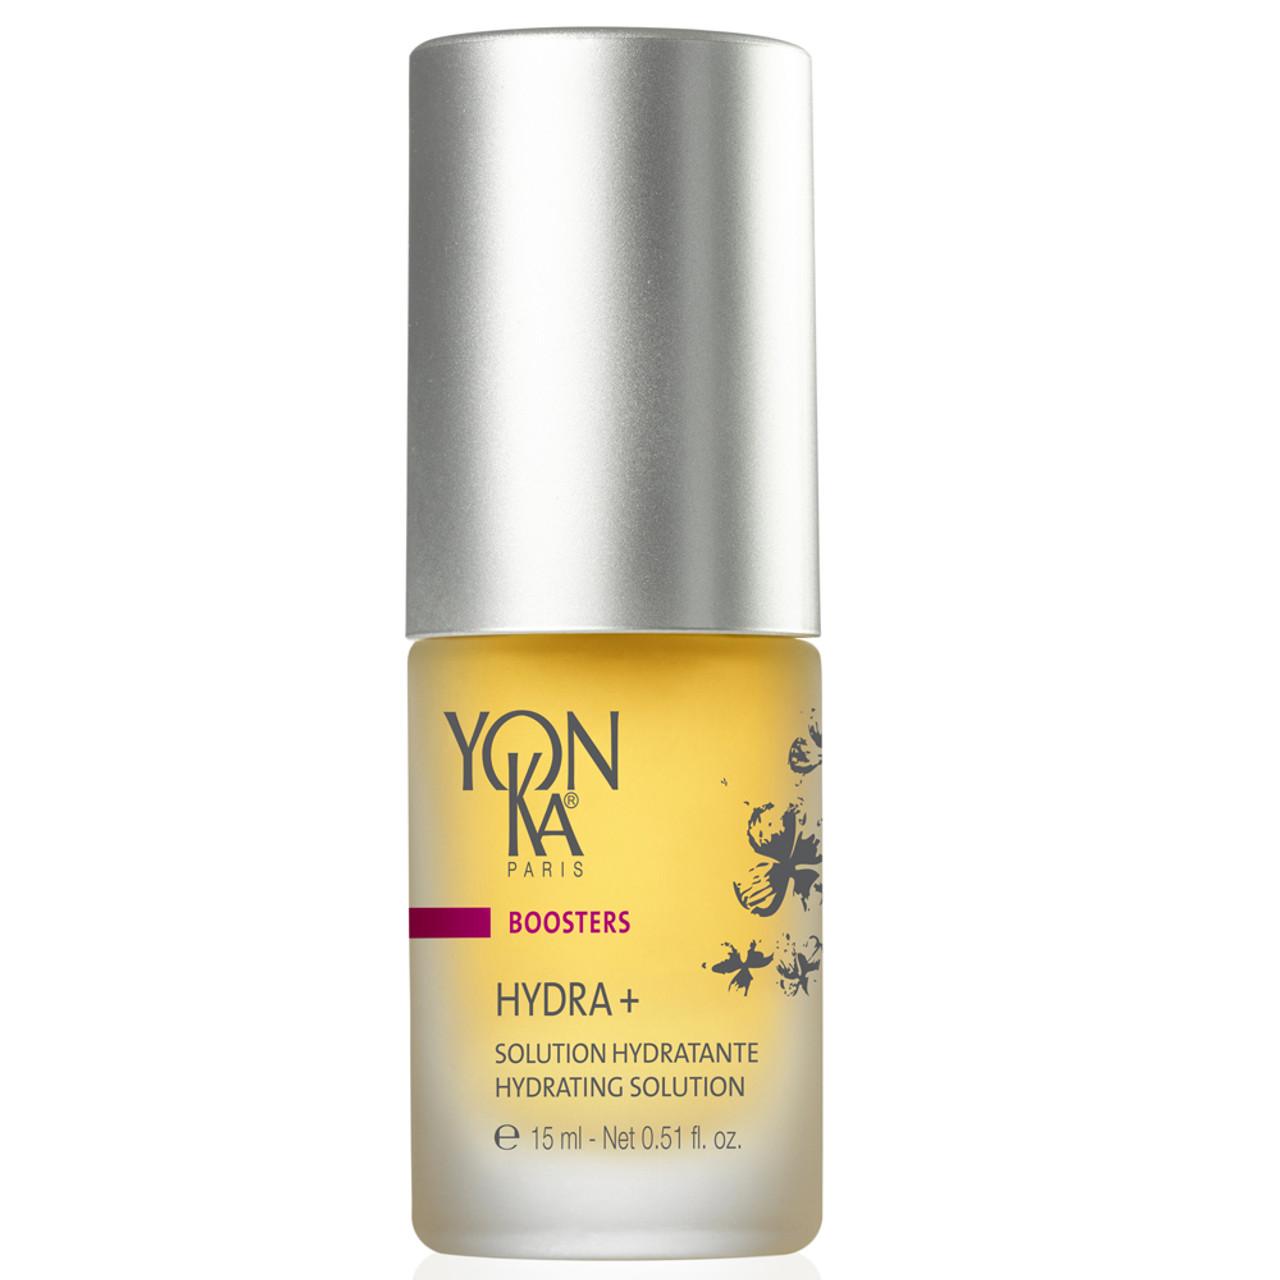 Yonka Hydra+